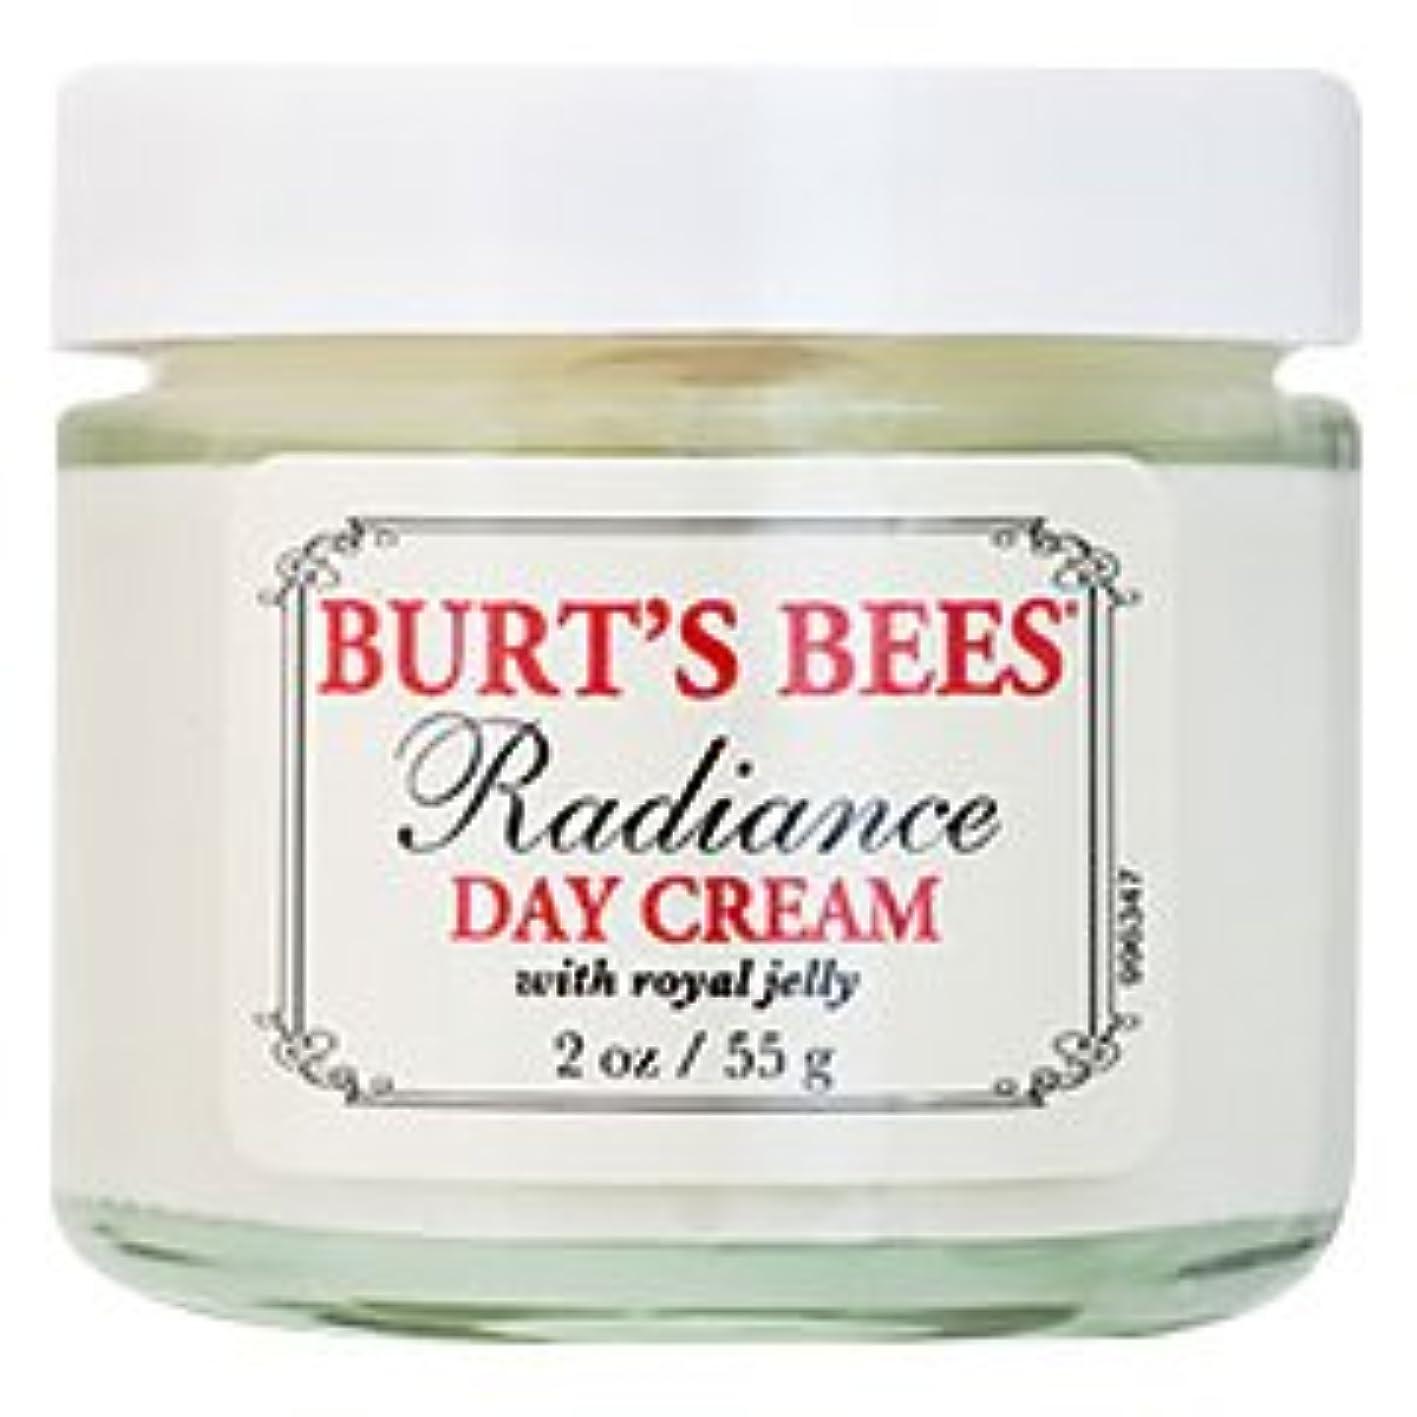 棚移植矢じりバーツビーズ(Burt's Bees) ラディアンス デイクリーム(ロイヤルジェリー) 55g [海外直送品][並行輸入品]